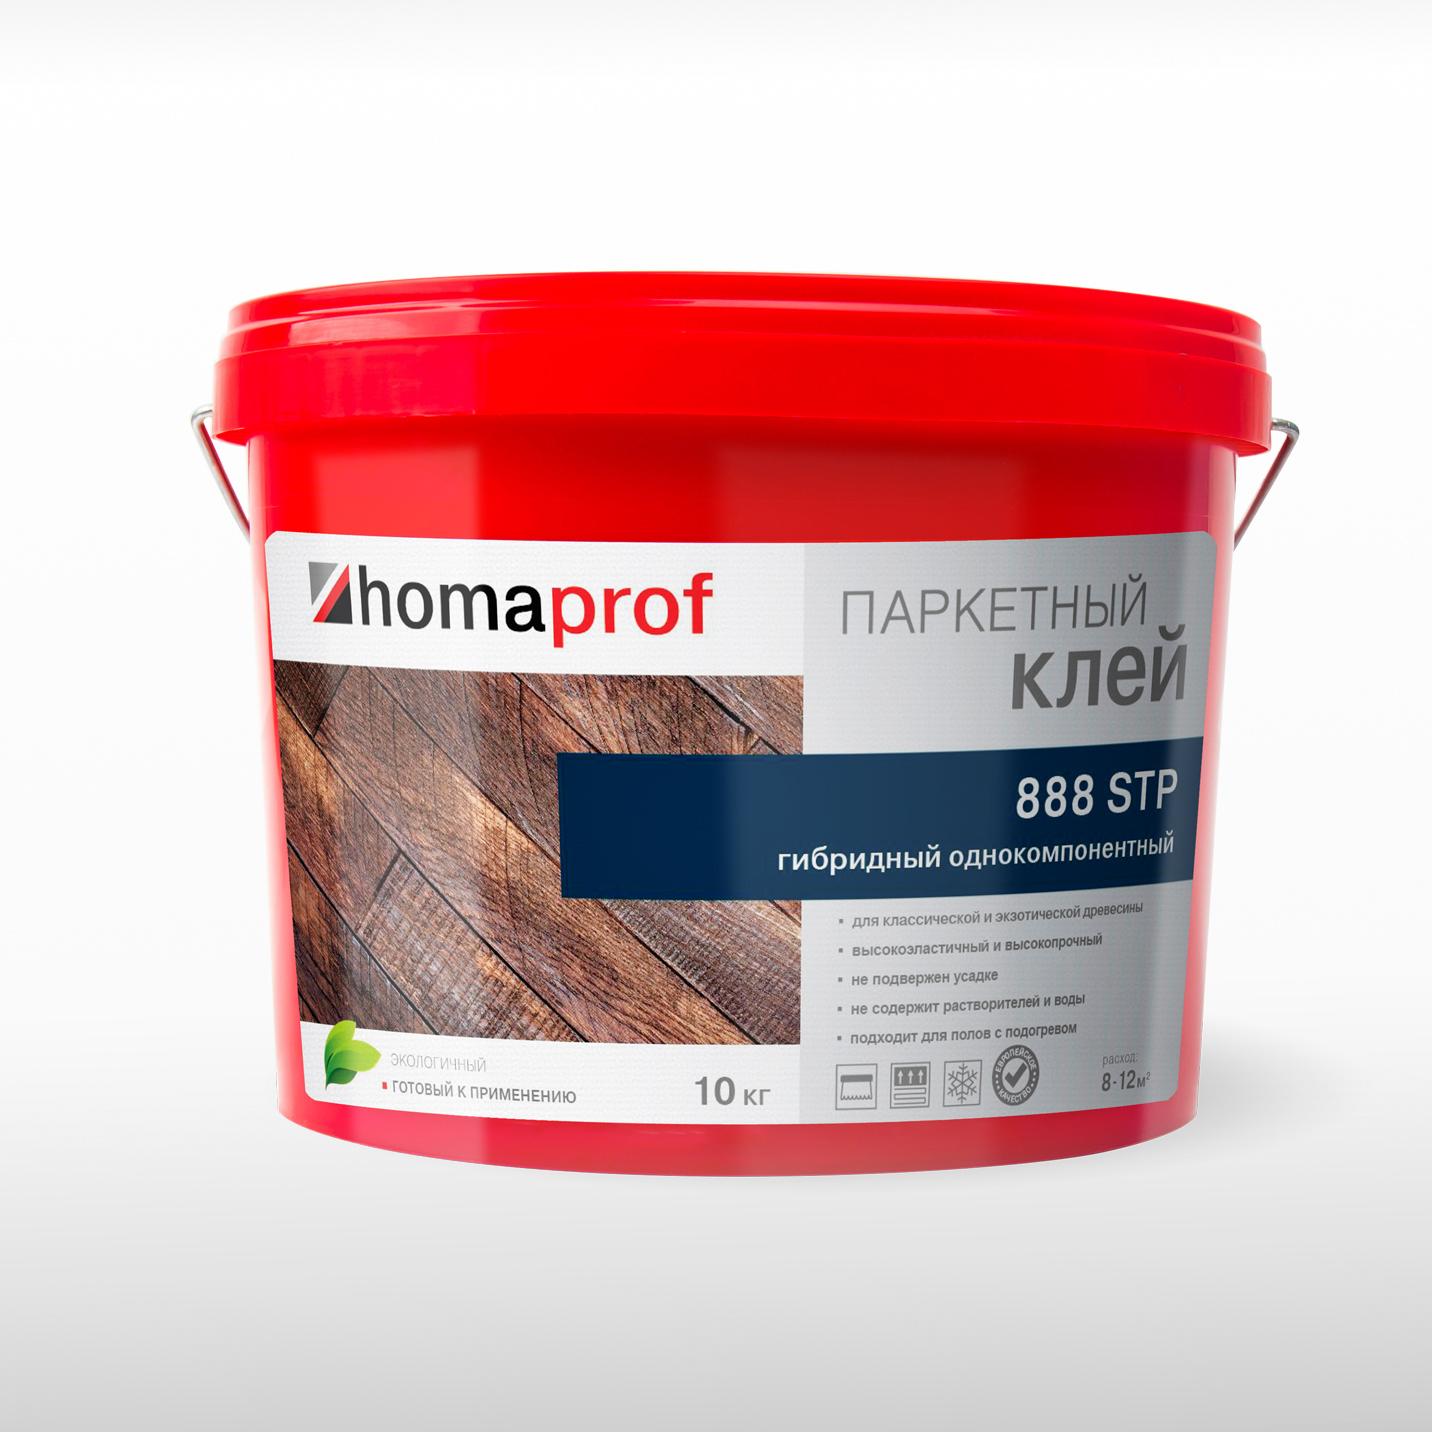 купить homaprof 888 Клей для деревянных напольных покрытий,силан-модифицированный в Санкт-Петербурге с доставкой